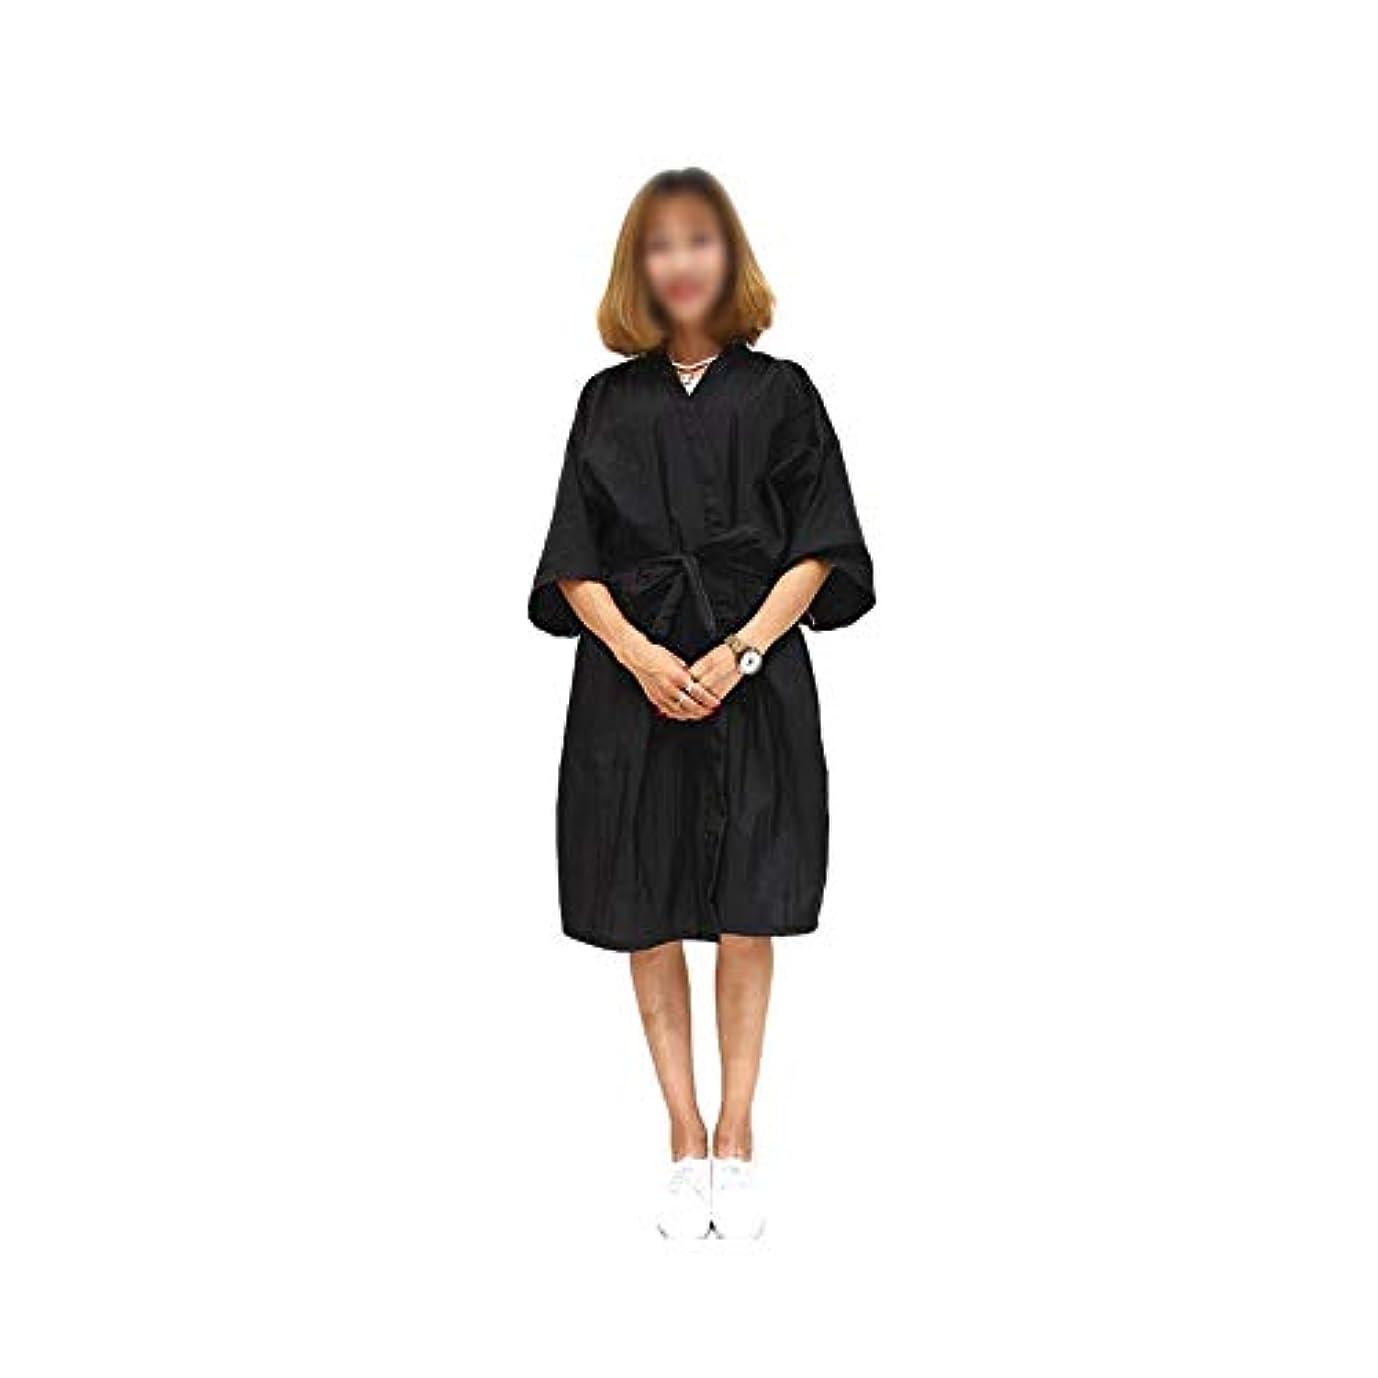 コミットペイント拡張Lucy Day サロンヘアカットガウンバーバーケープクロスビューティースパ衣類ヘアスタイリングケープナイロンヘアカット (色 : 黒)